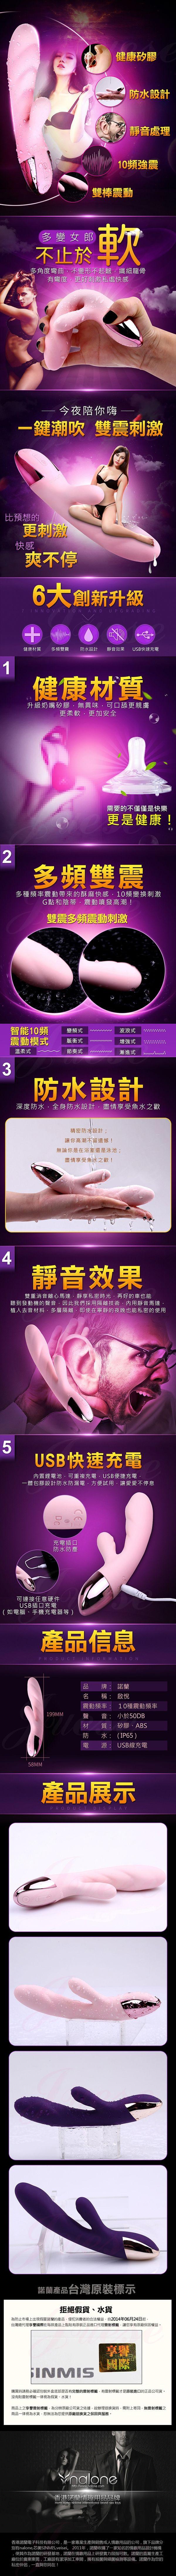 附圖2-香港Funme-啟悅 Carey 10段變頻G點陰蒂防水按摩棒